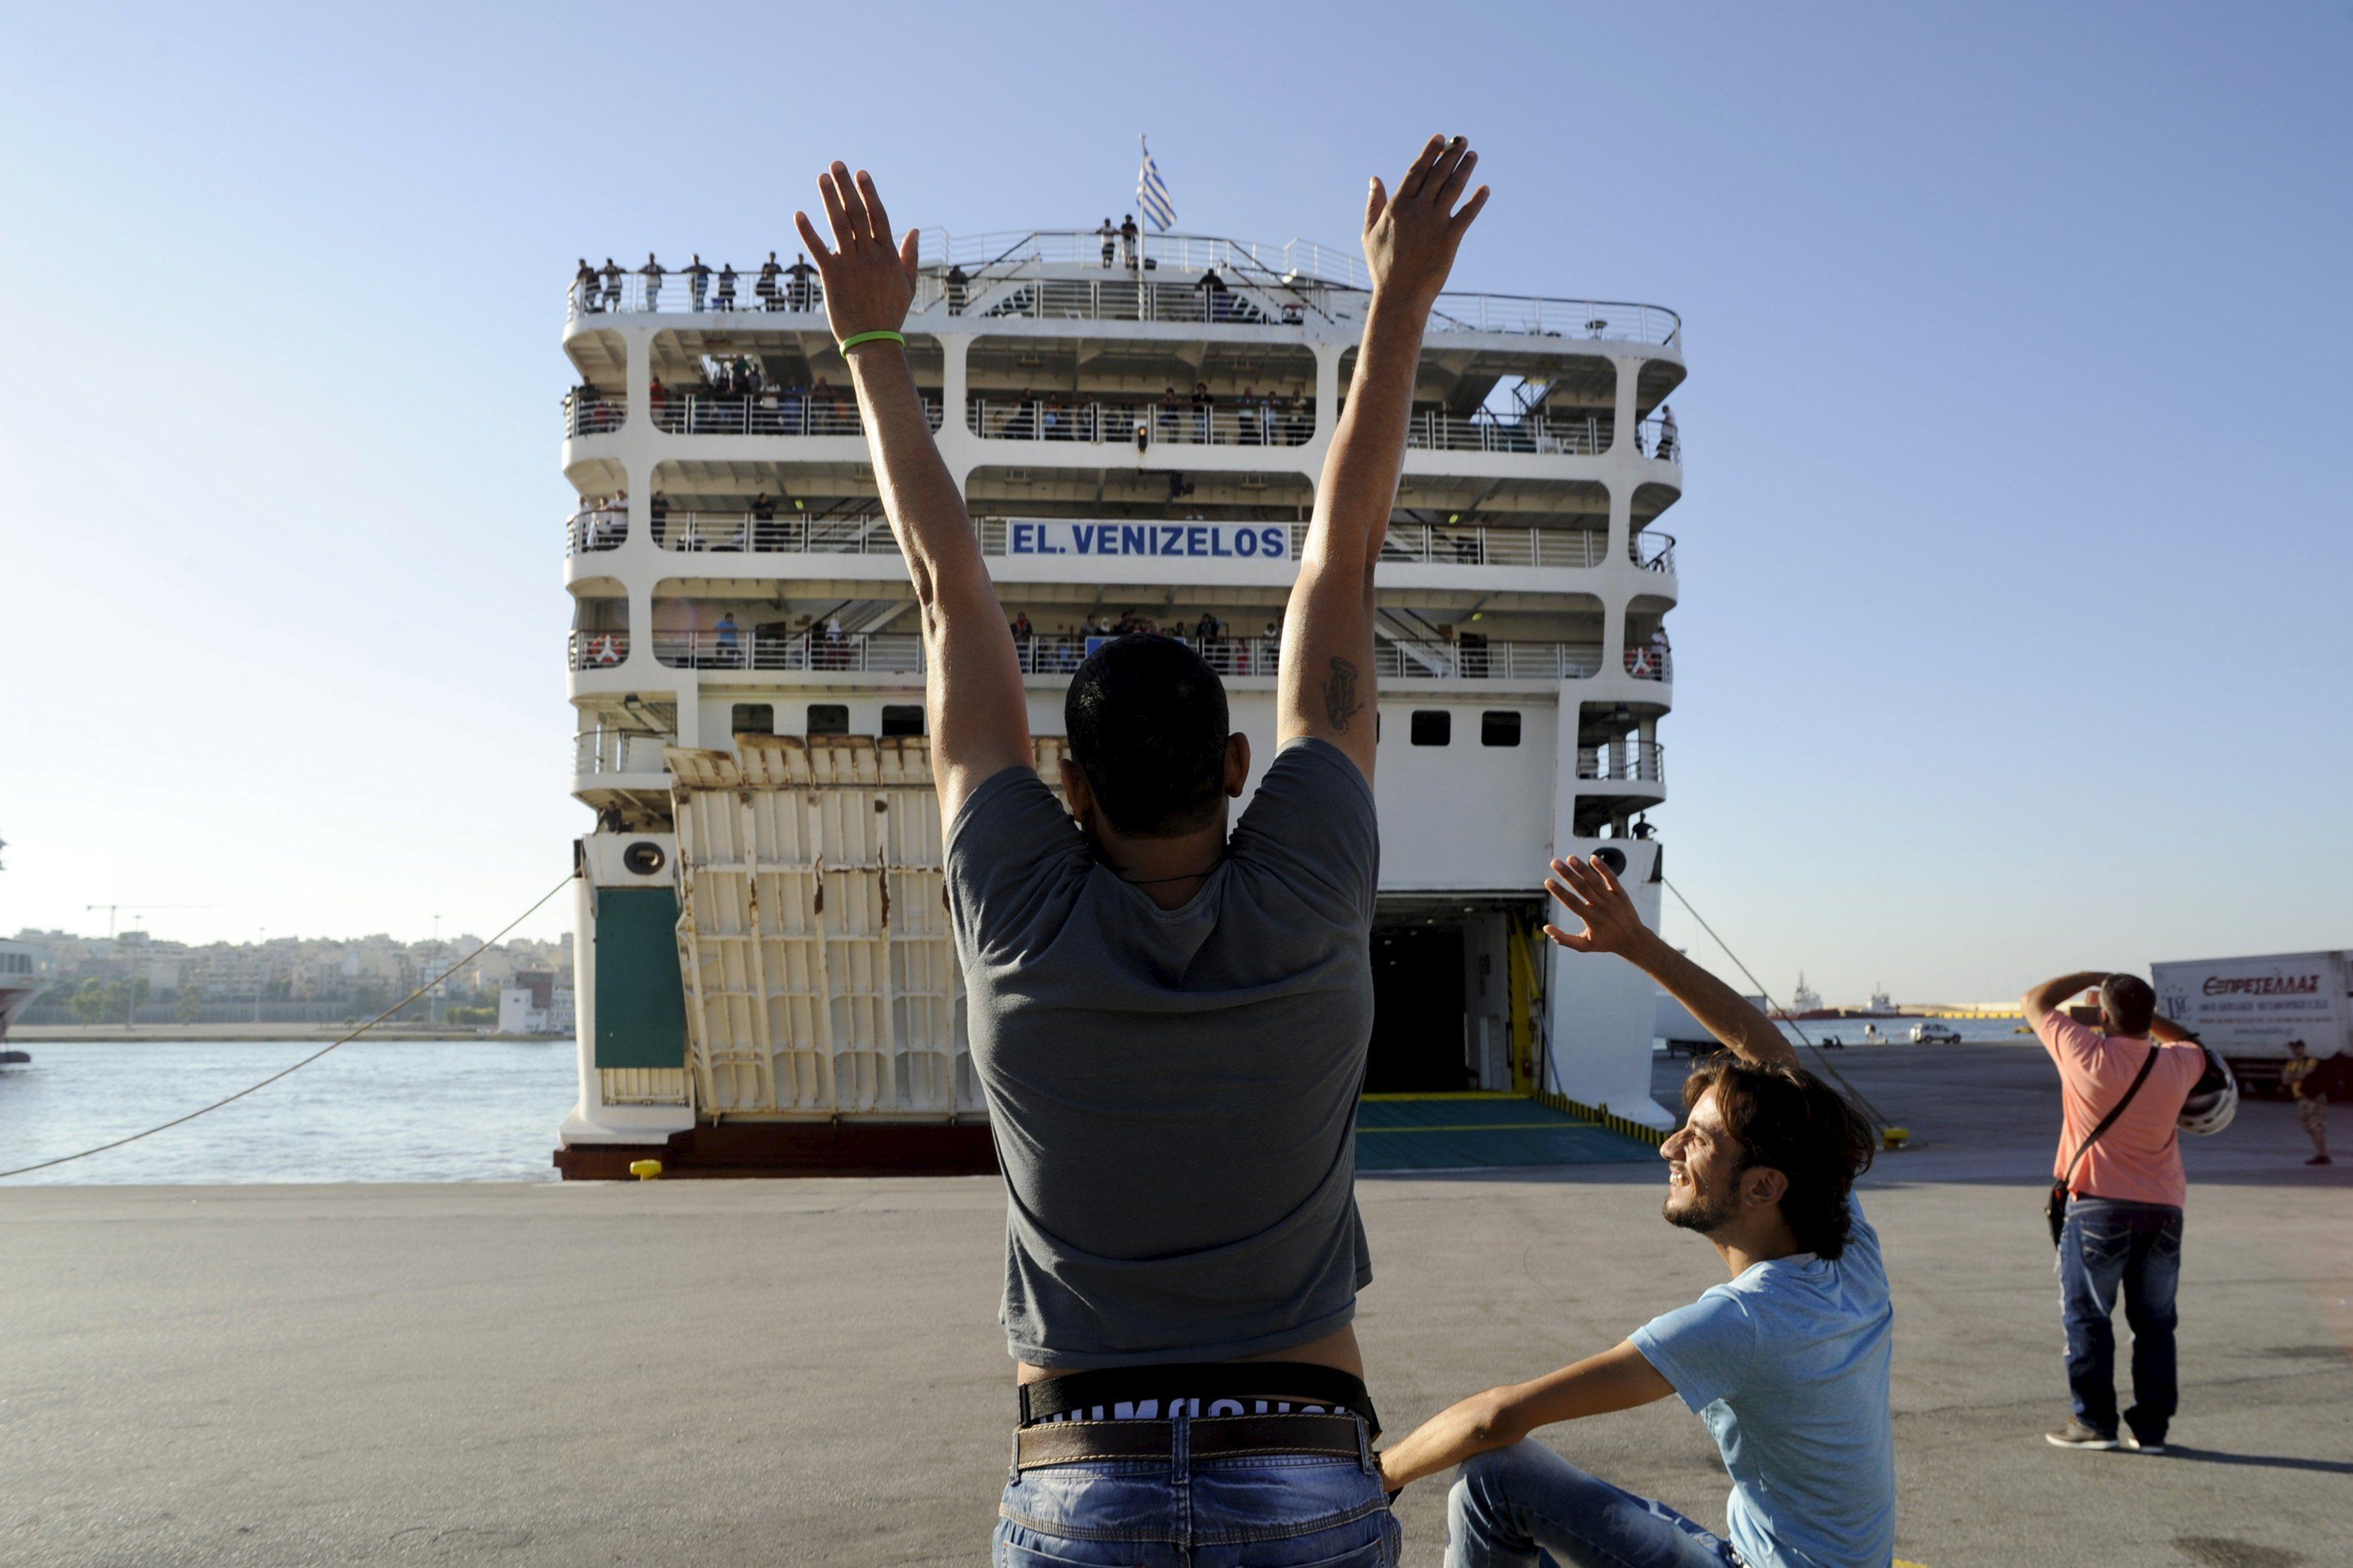 Беженцы из Сирии прибывают в Европу по Средиземному морю, иллюстрация